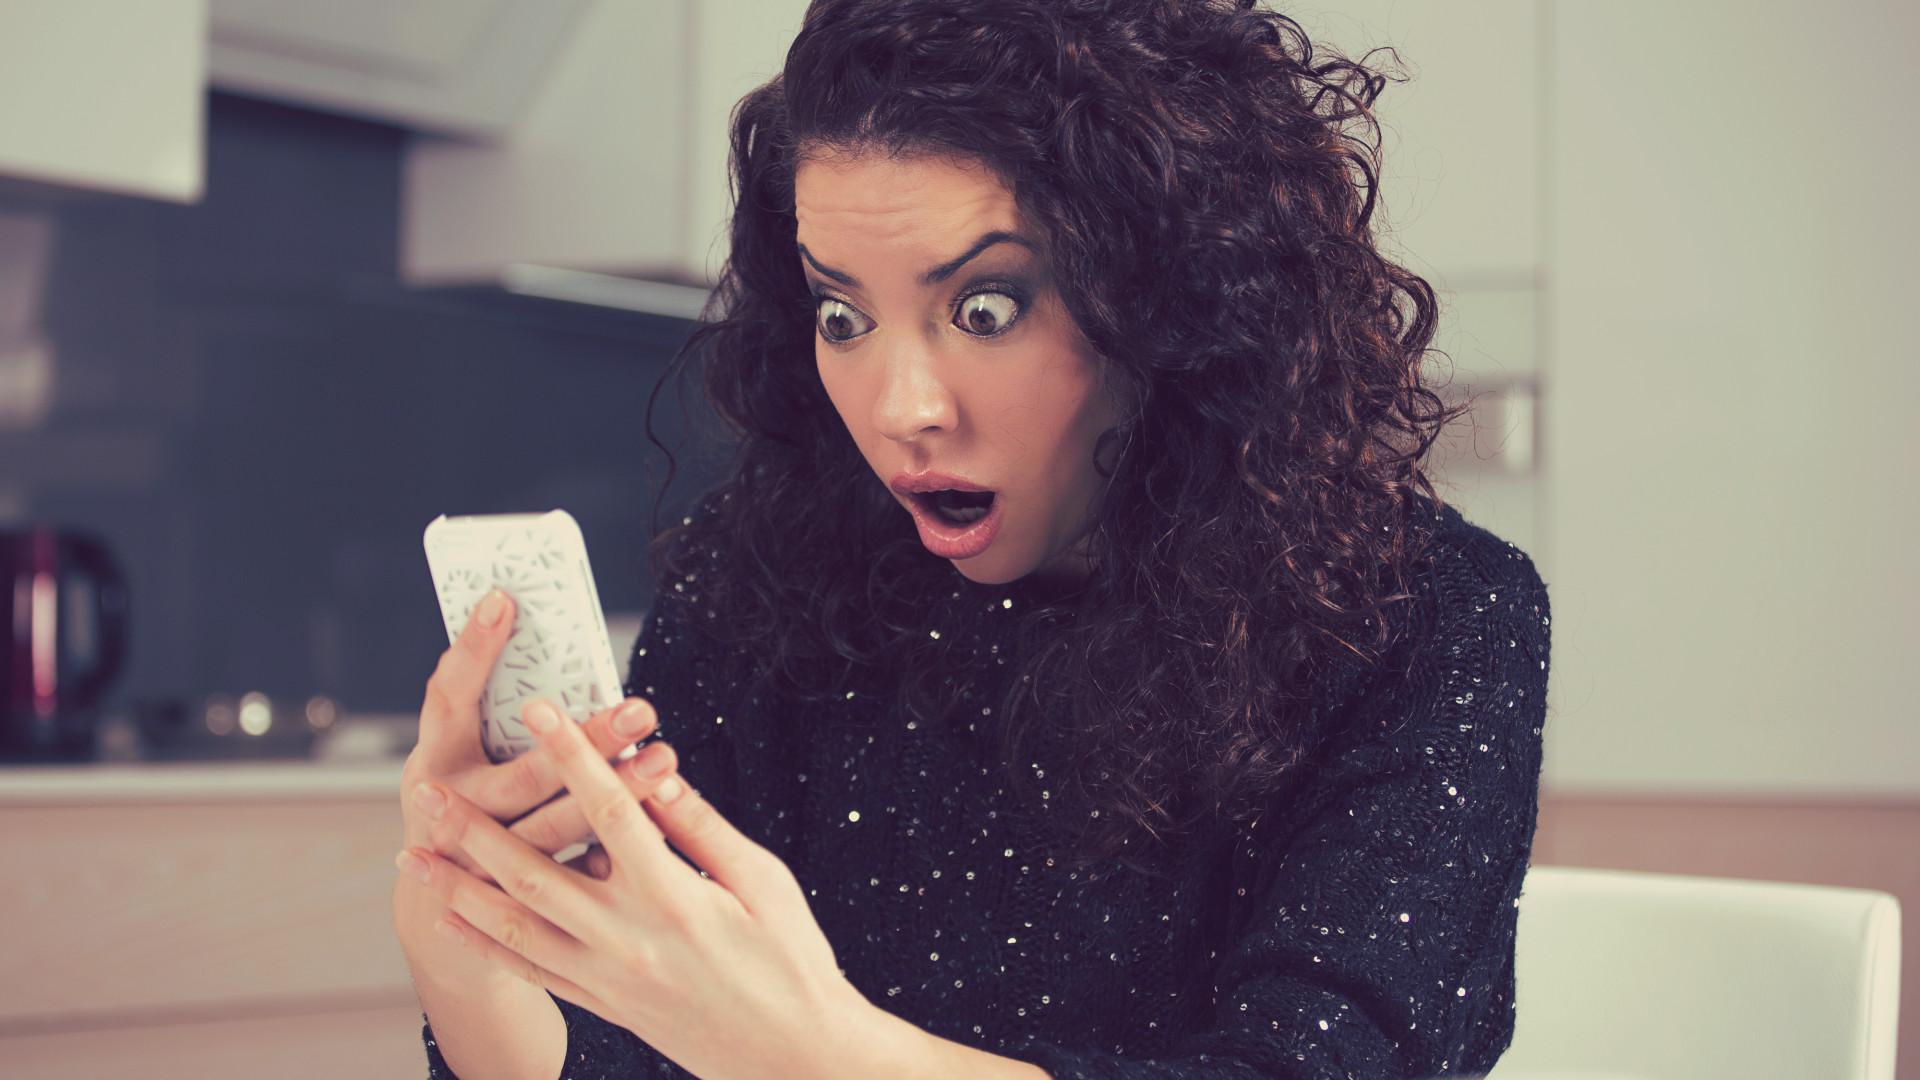 Já recebeu 'nudes' no telemóvel sem pedir? Não está só